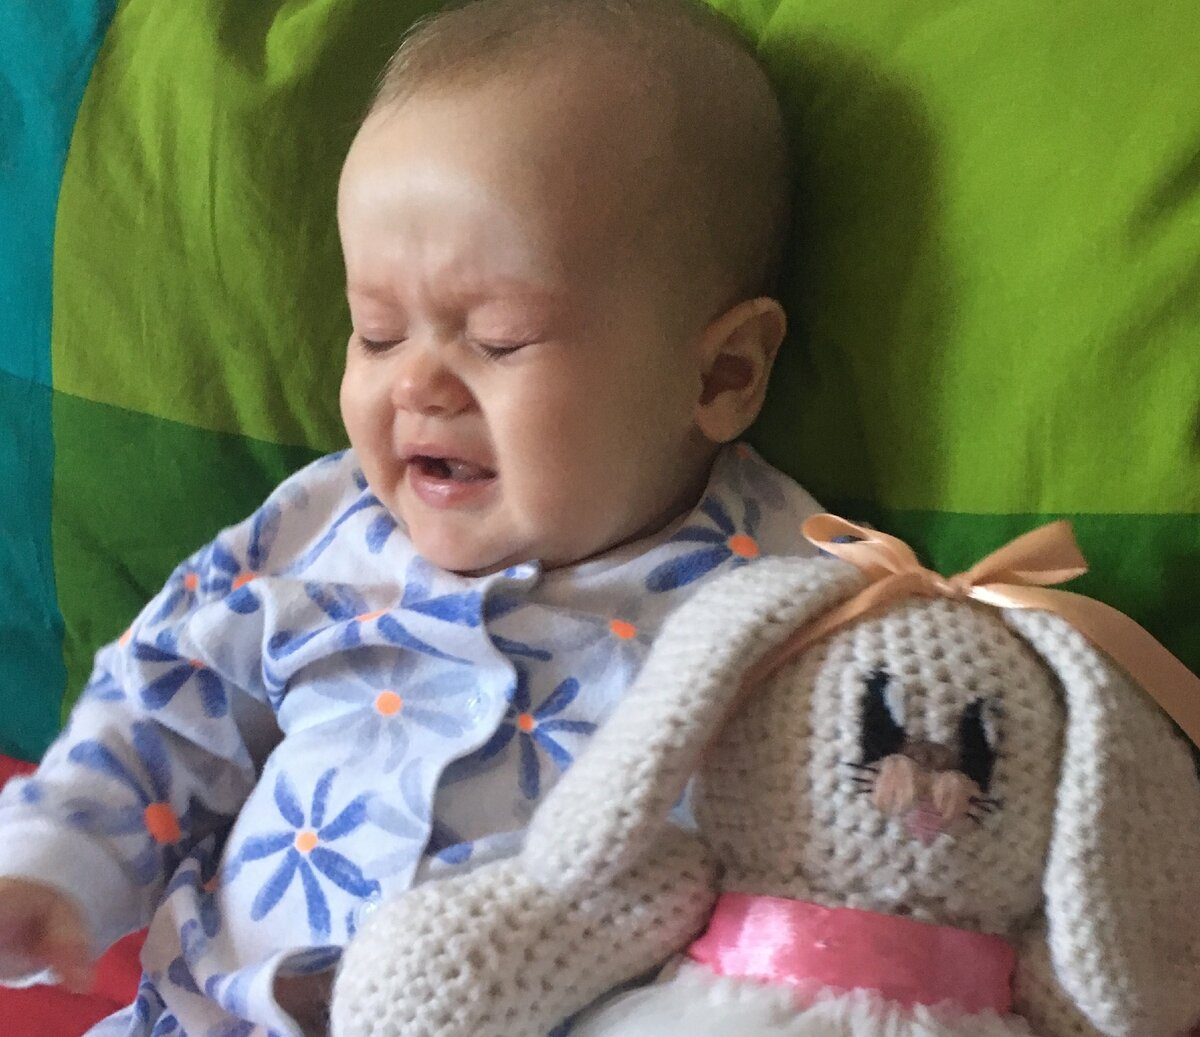 Катино лицо, когда я говорю ей, что плакать на улице неприлично :) Фото из личного архива